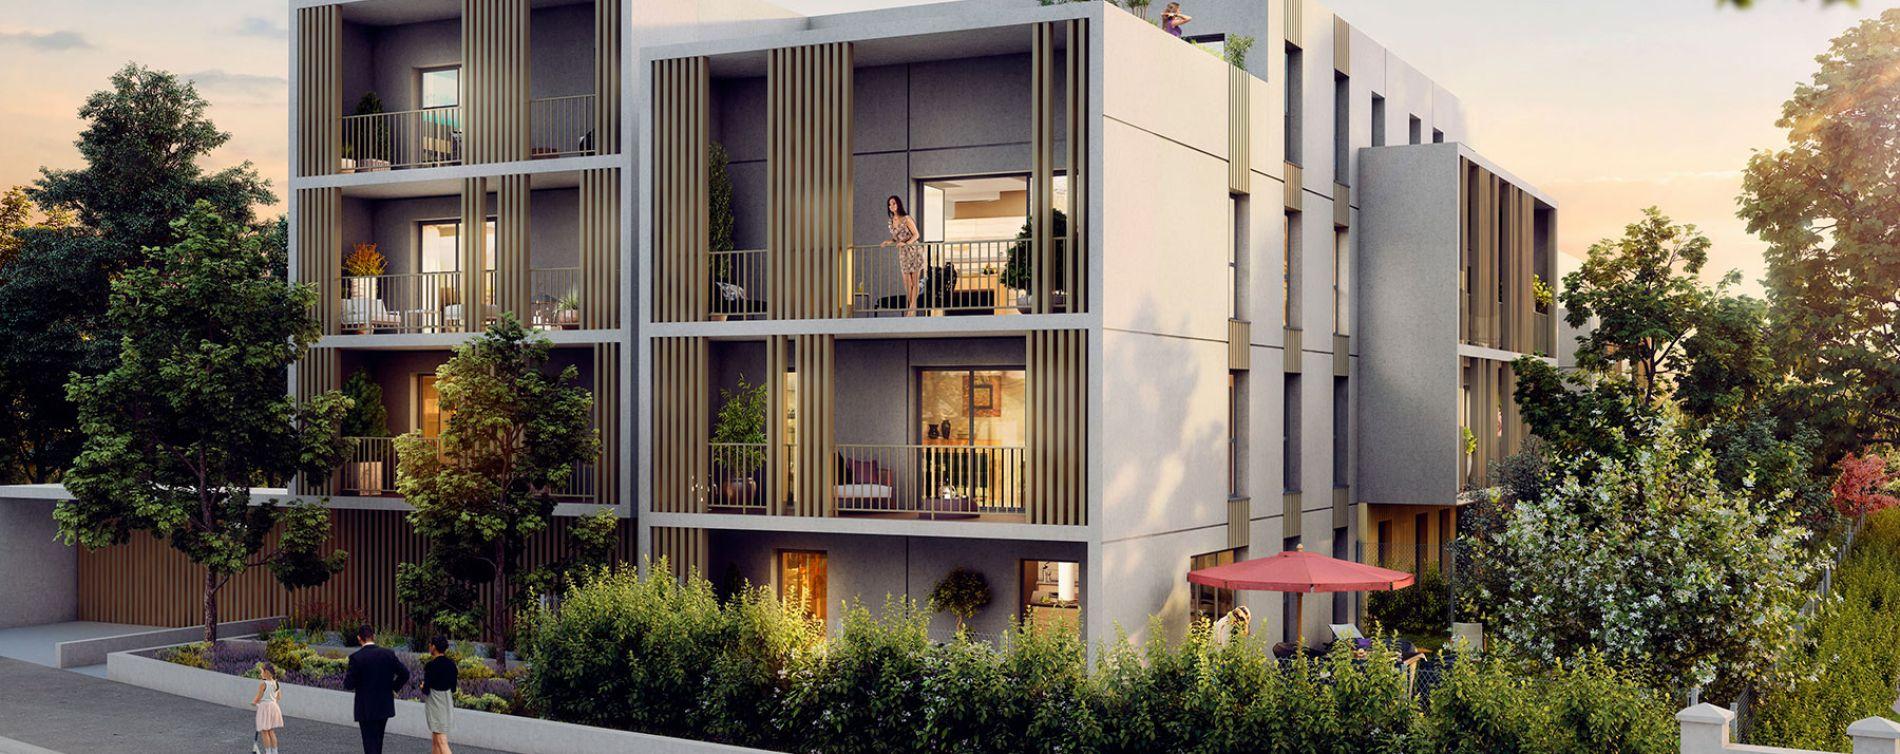 Résidence Villa Alouetta à Pessac